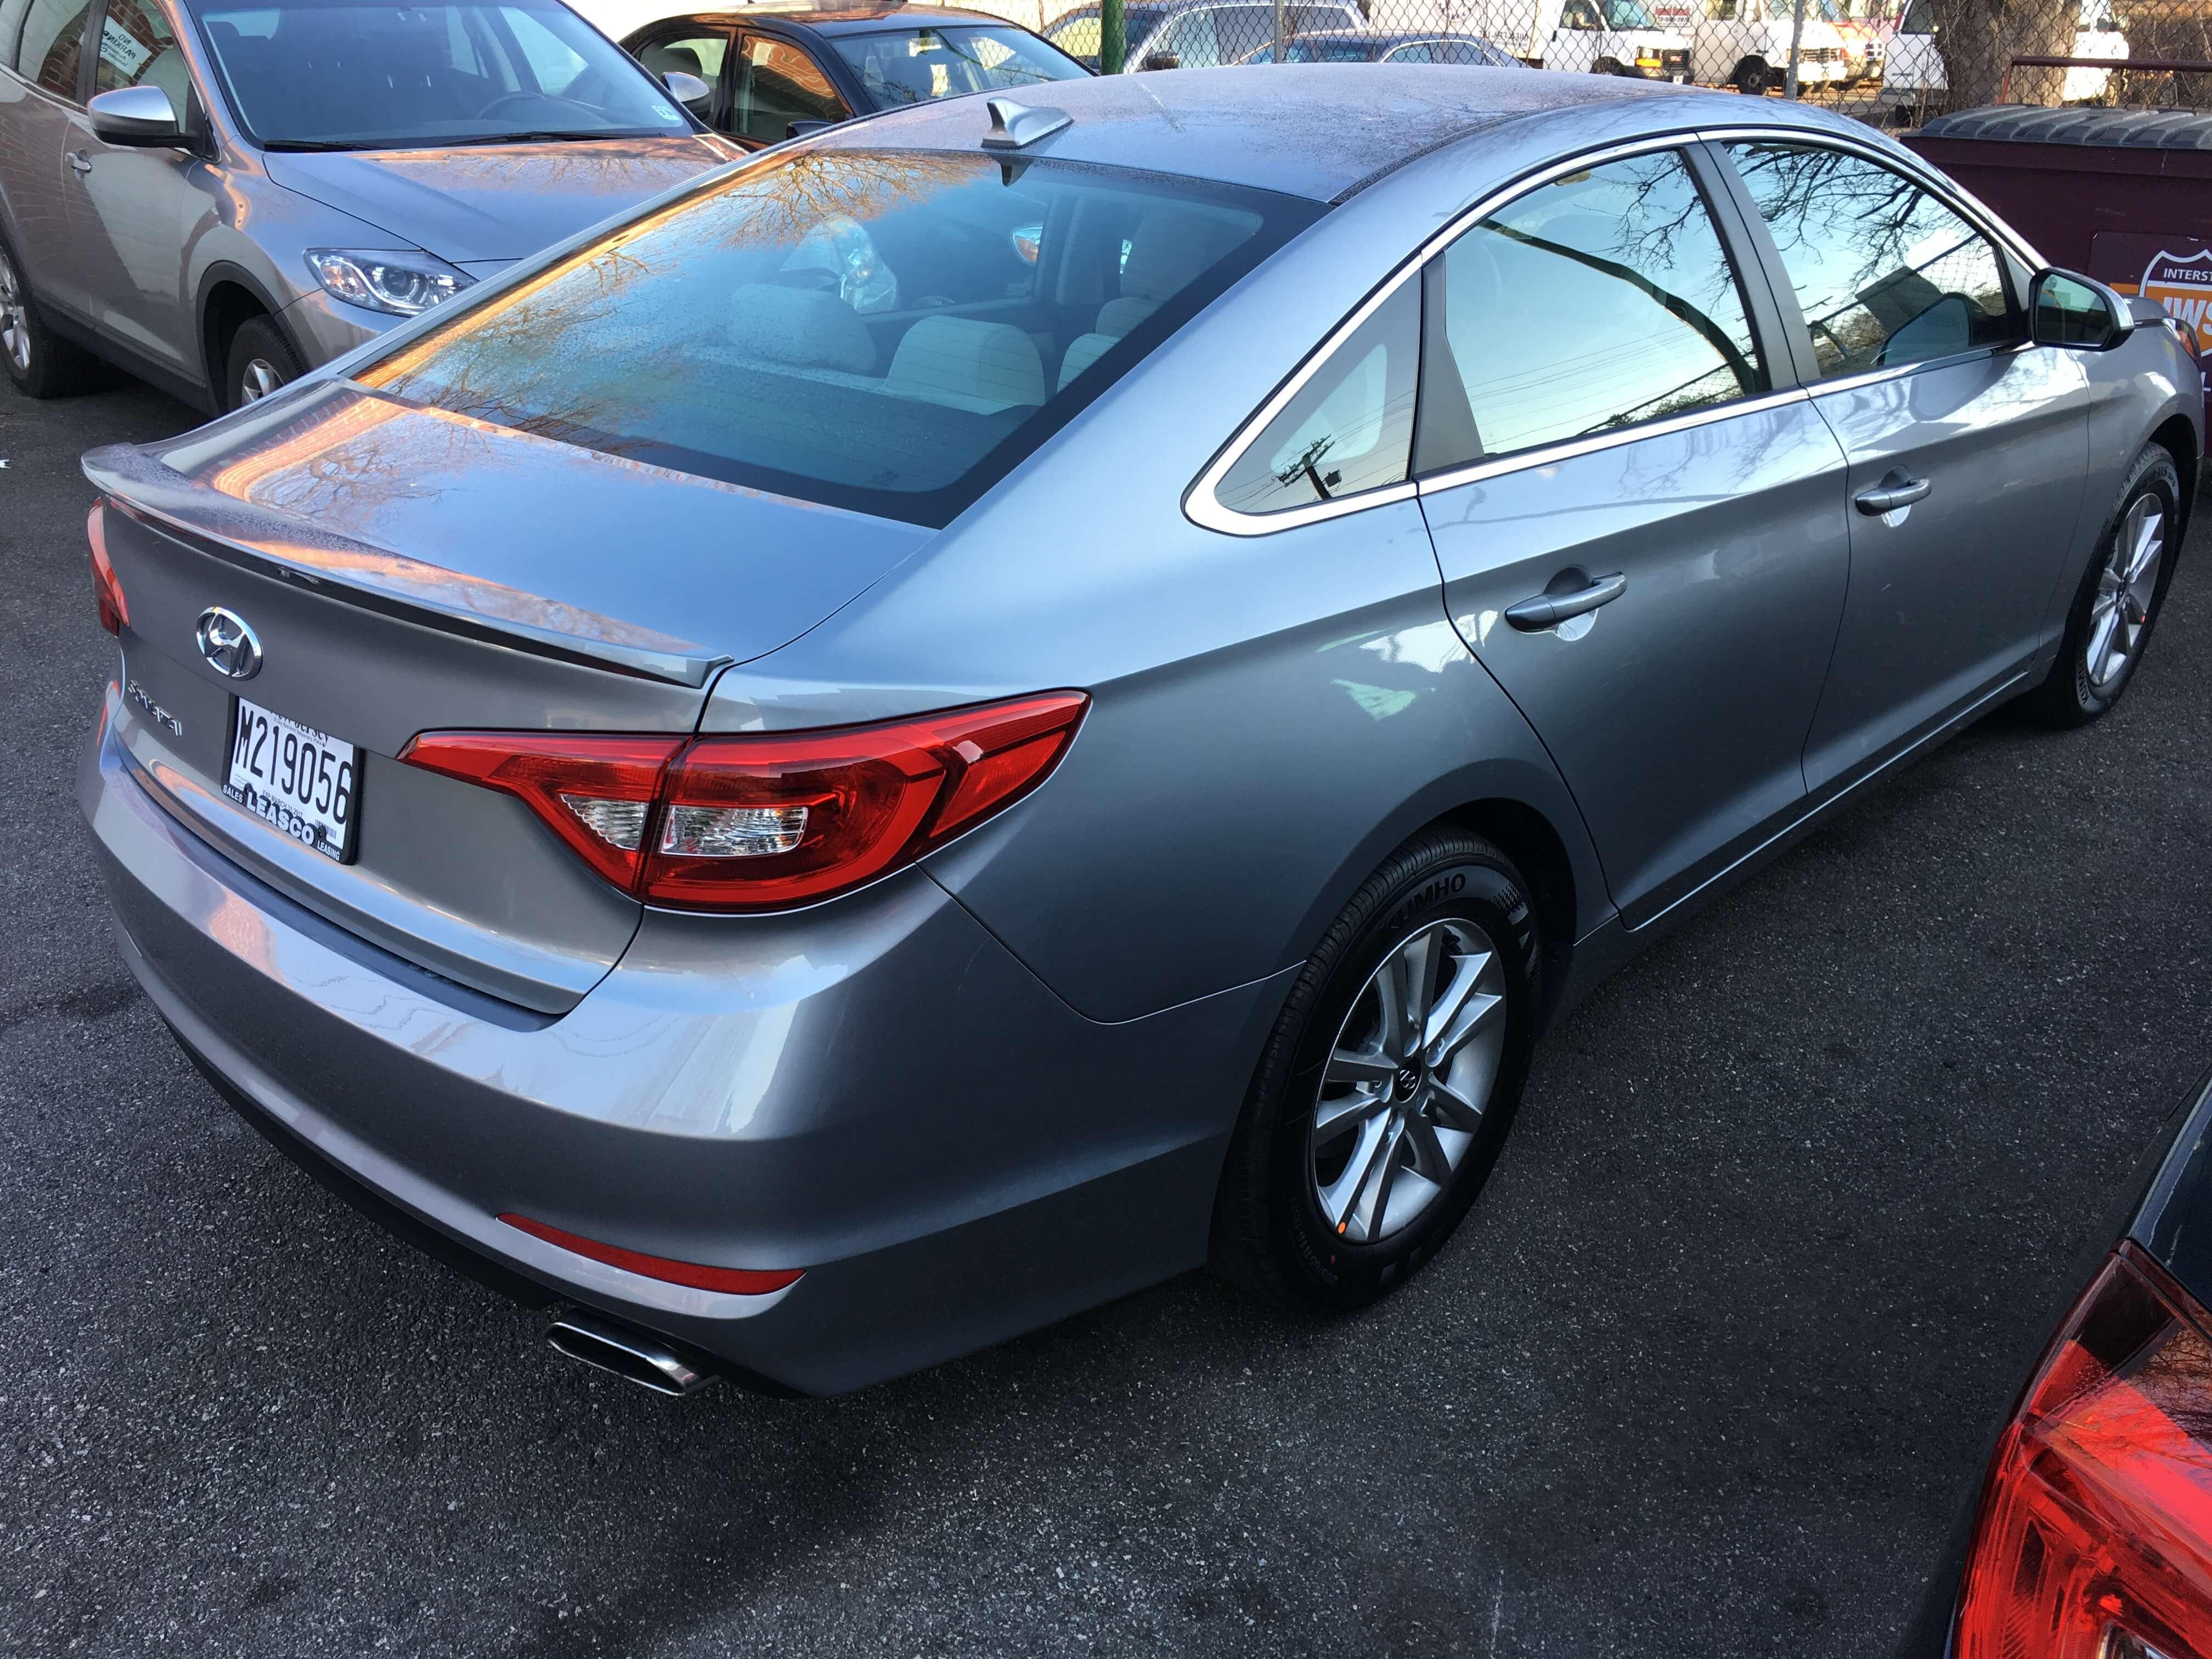 Hyundai Auto lease